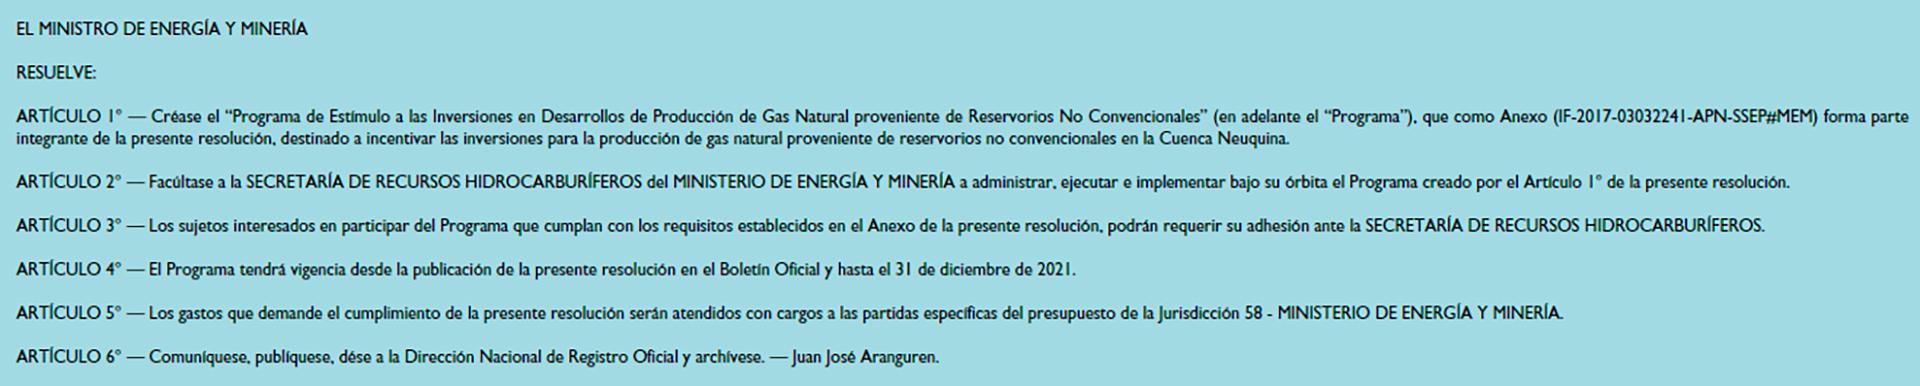 Los subsidios a la producción de gas no convencional dispuestos en la resolución 46/2017 del ex Ministerio de Energía y Mineria vencen el 31 de diciembre de 2021